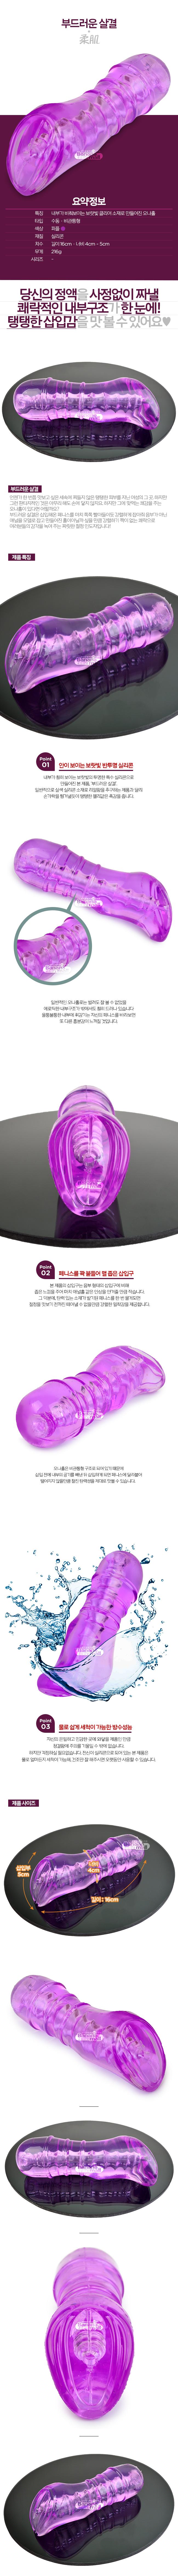 [강력 조임] 부드러운 살결(柔肌) - 00302